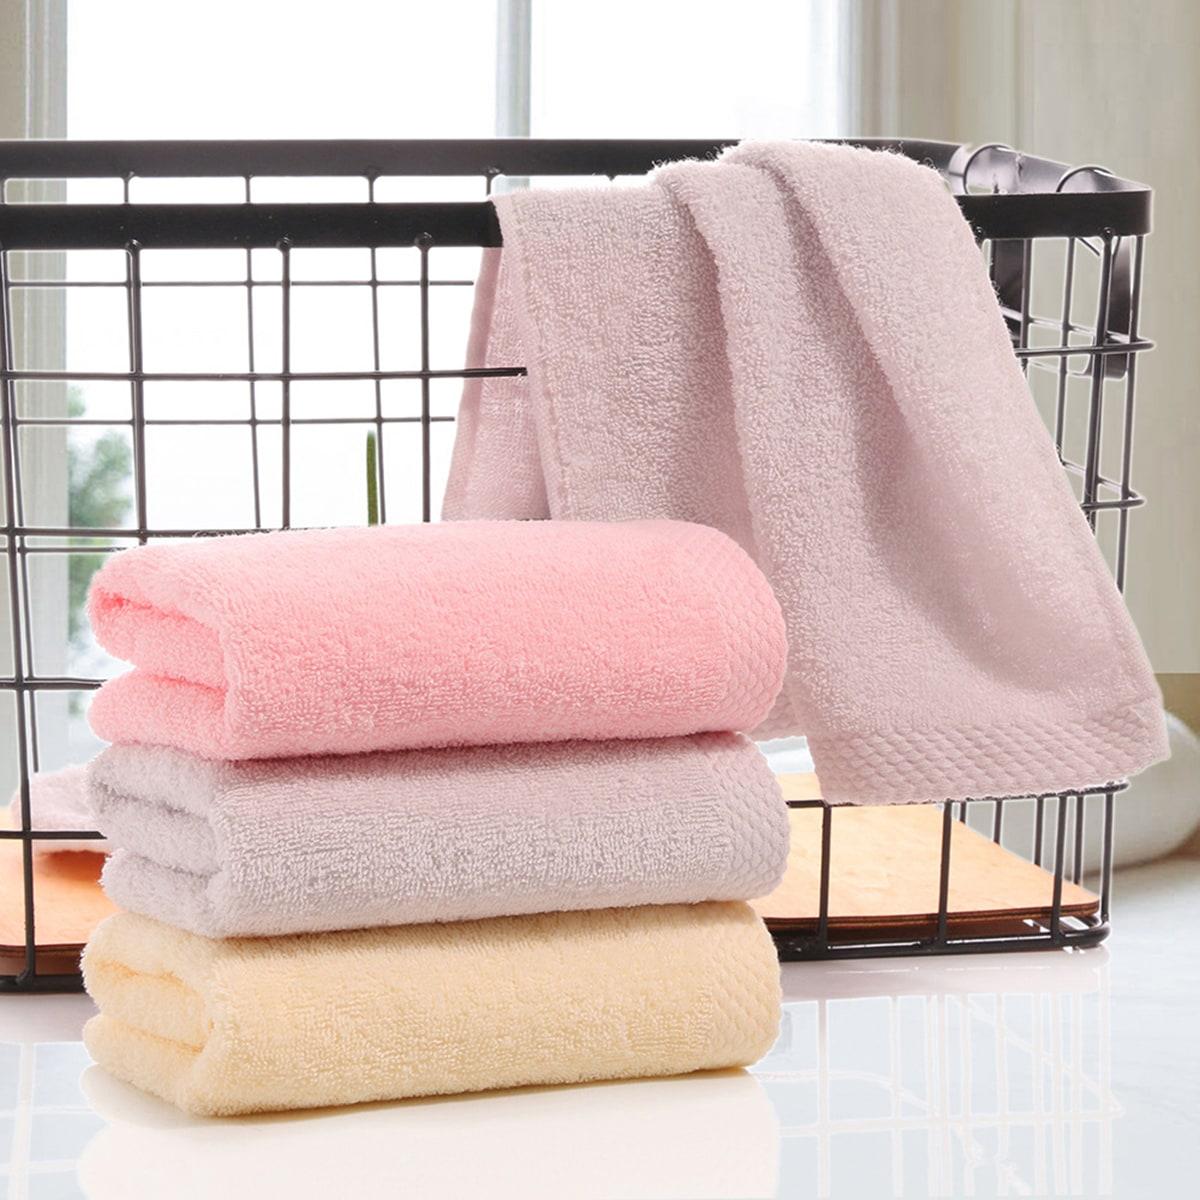 1pc absorberende handdoek van massief katoen